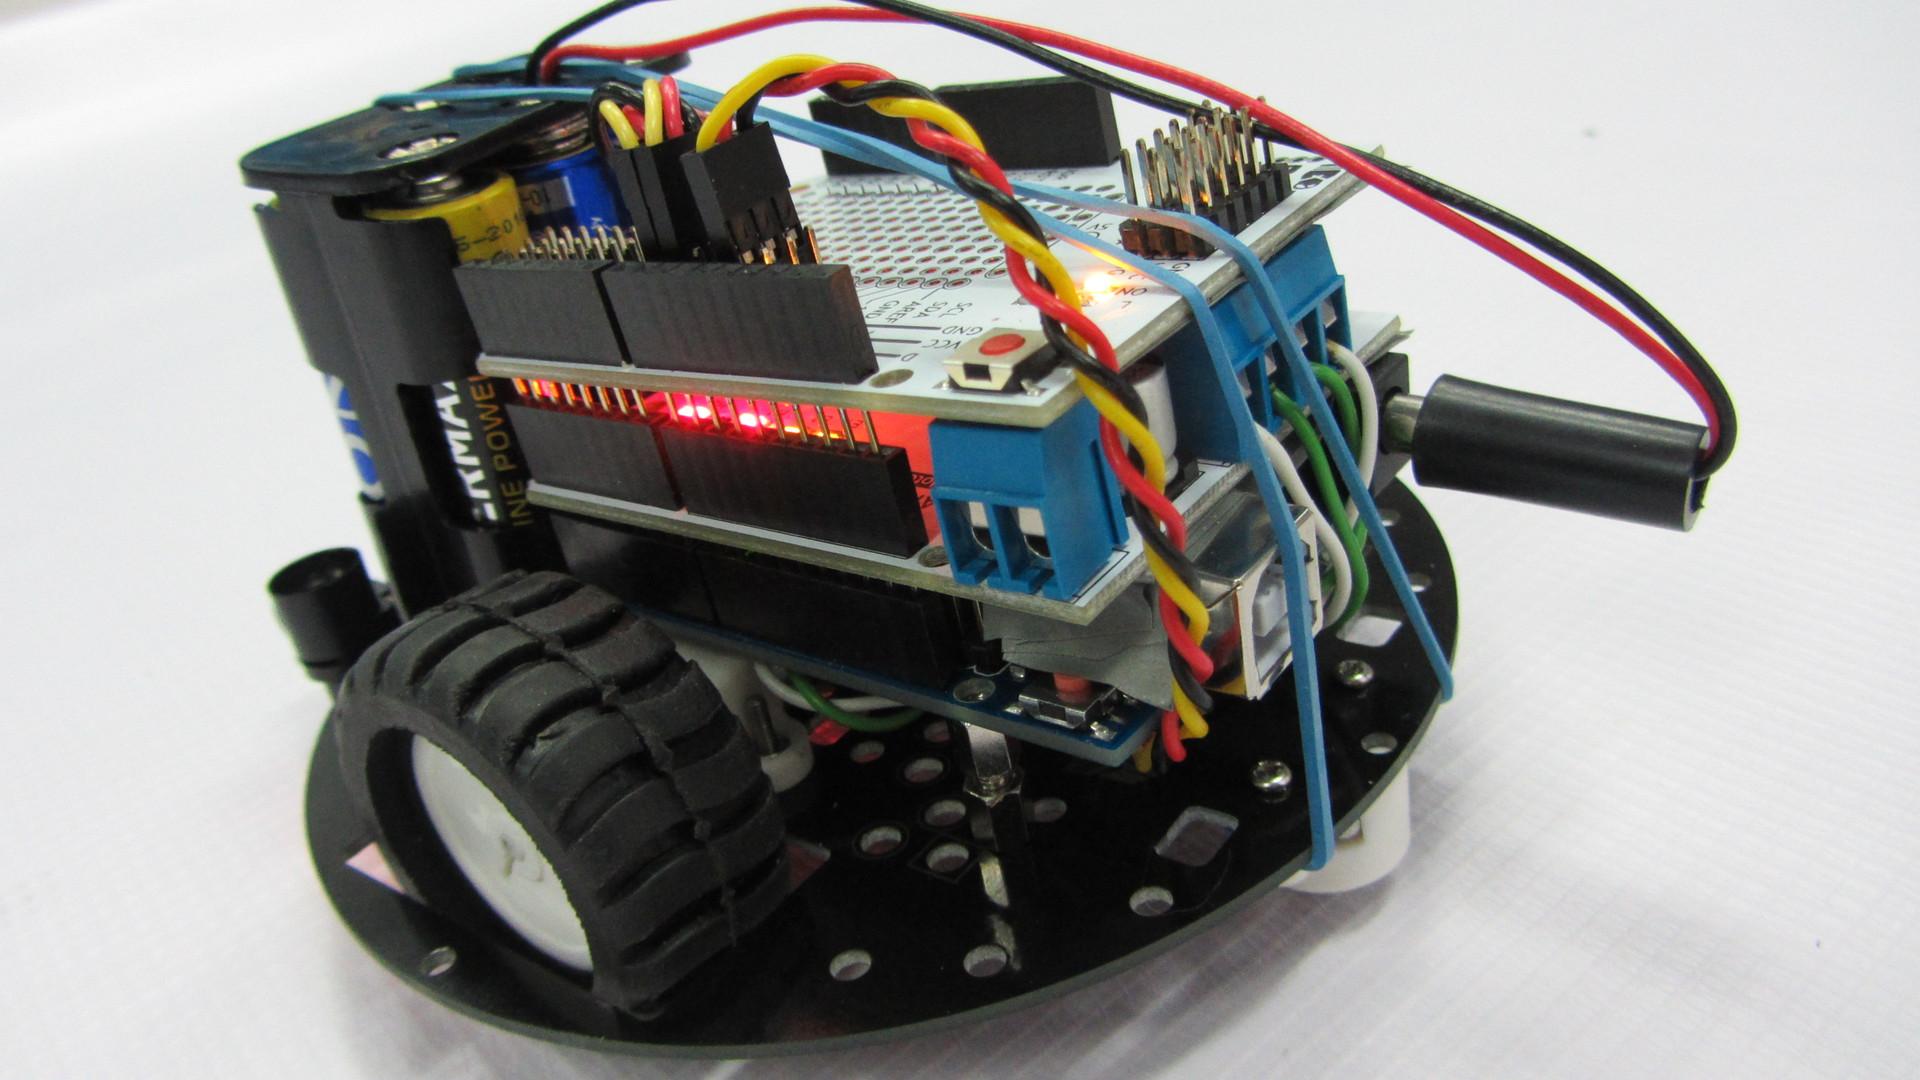 Программирование Arduino с помощью ArduBloсk на примере робота движущегося по полосе